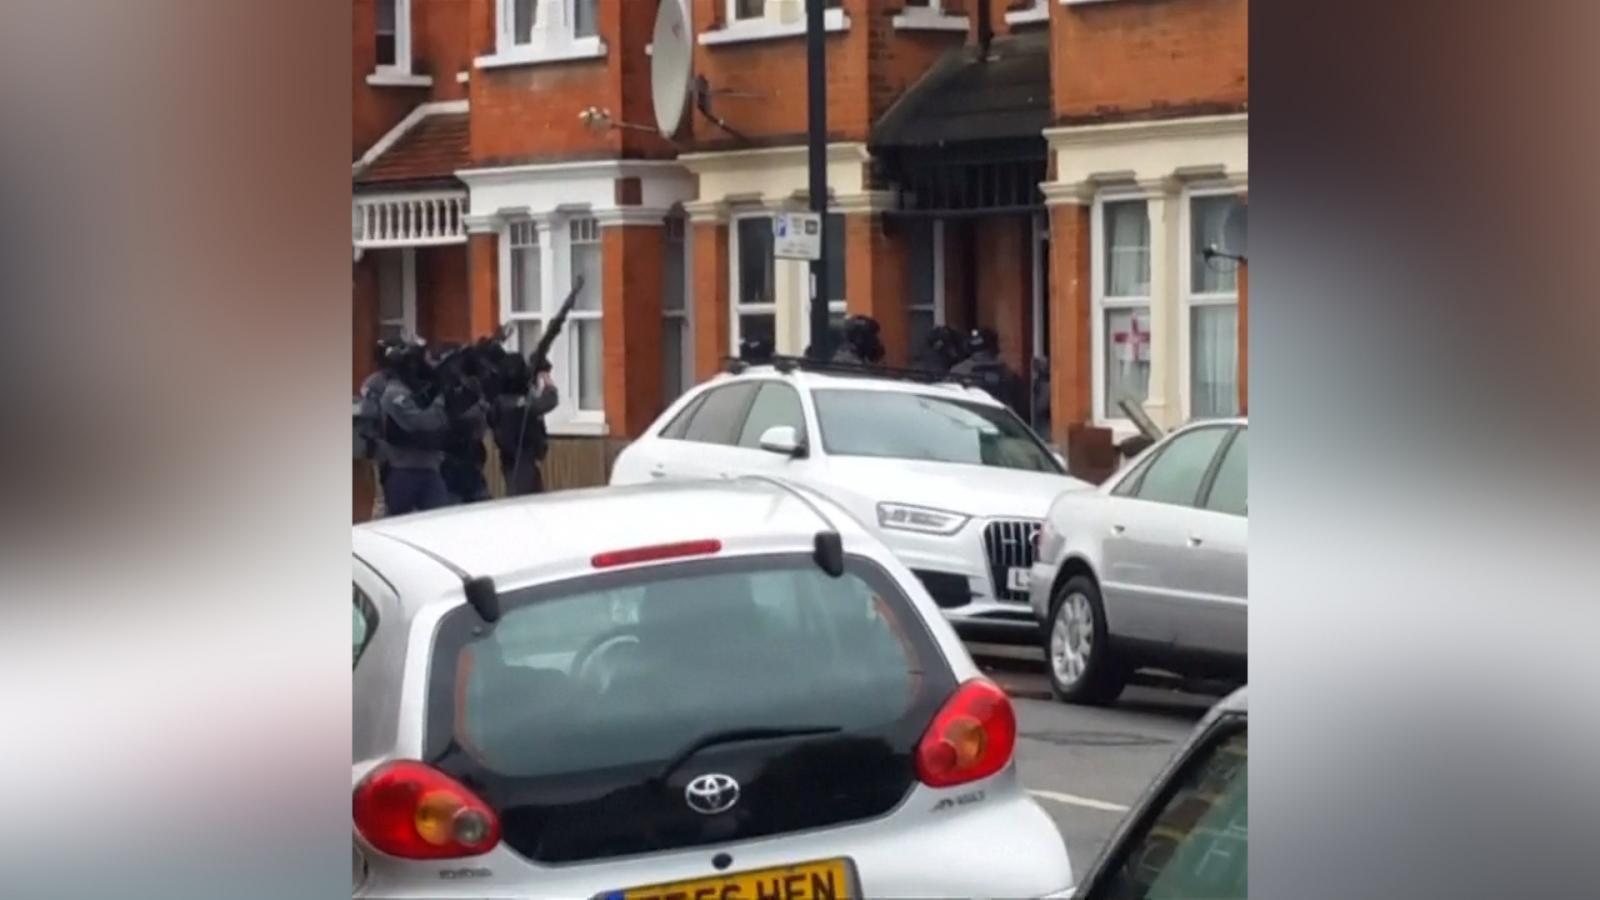 Police firing guns in London anti-terror raid